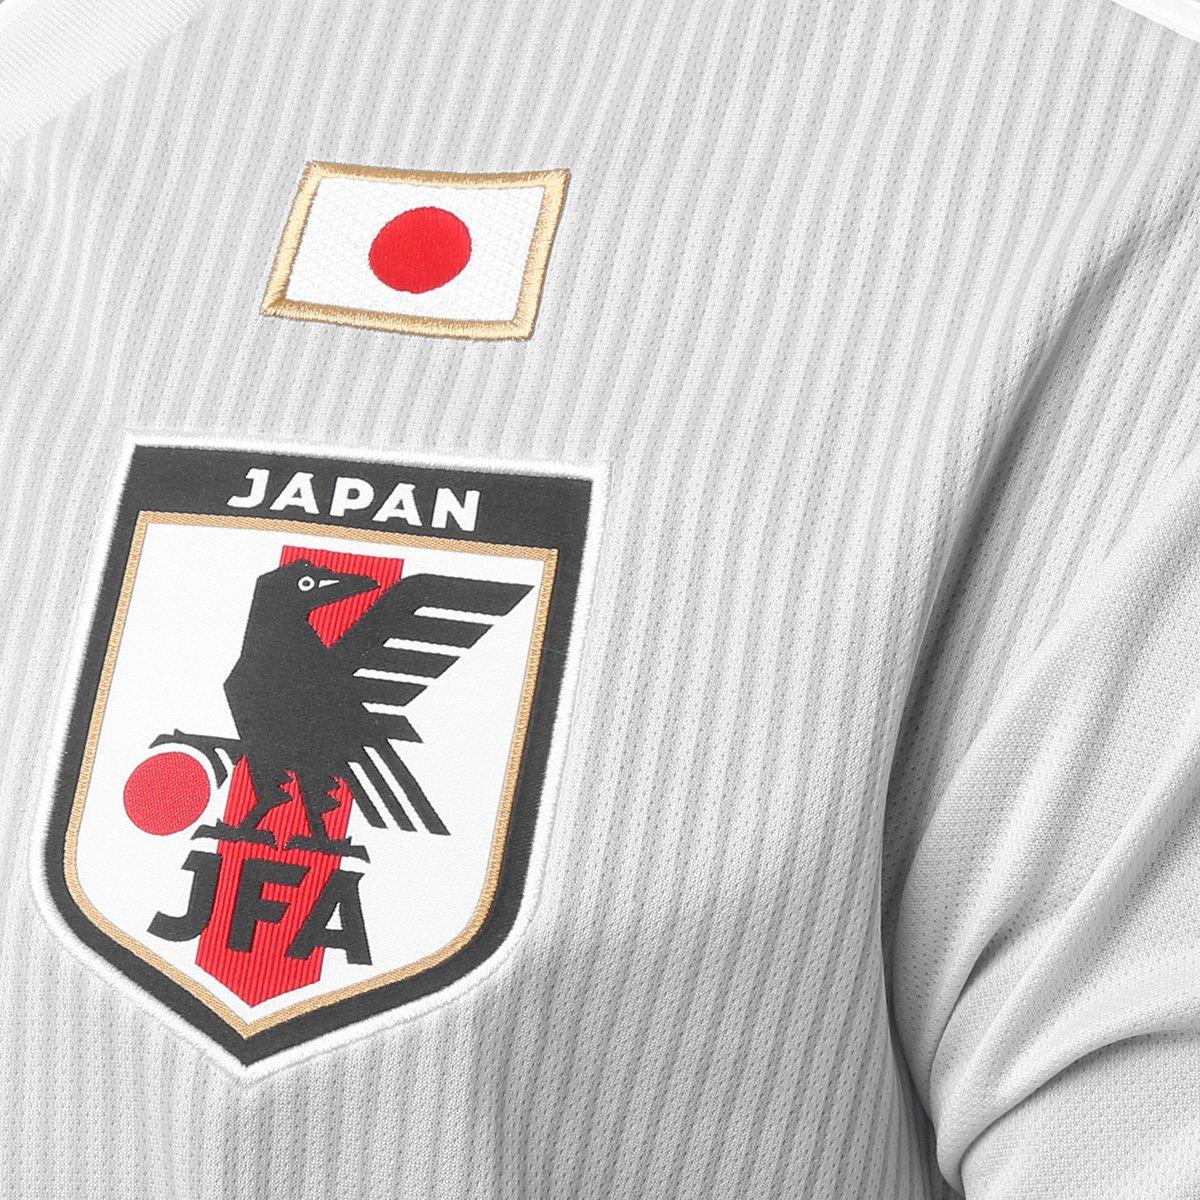 bef494e4ae ... Camisa Seleção Japão Away 18 19 s n° Torcedor Adidas Masculina ...